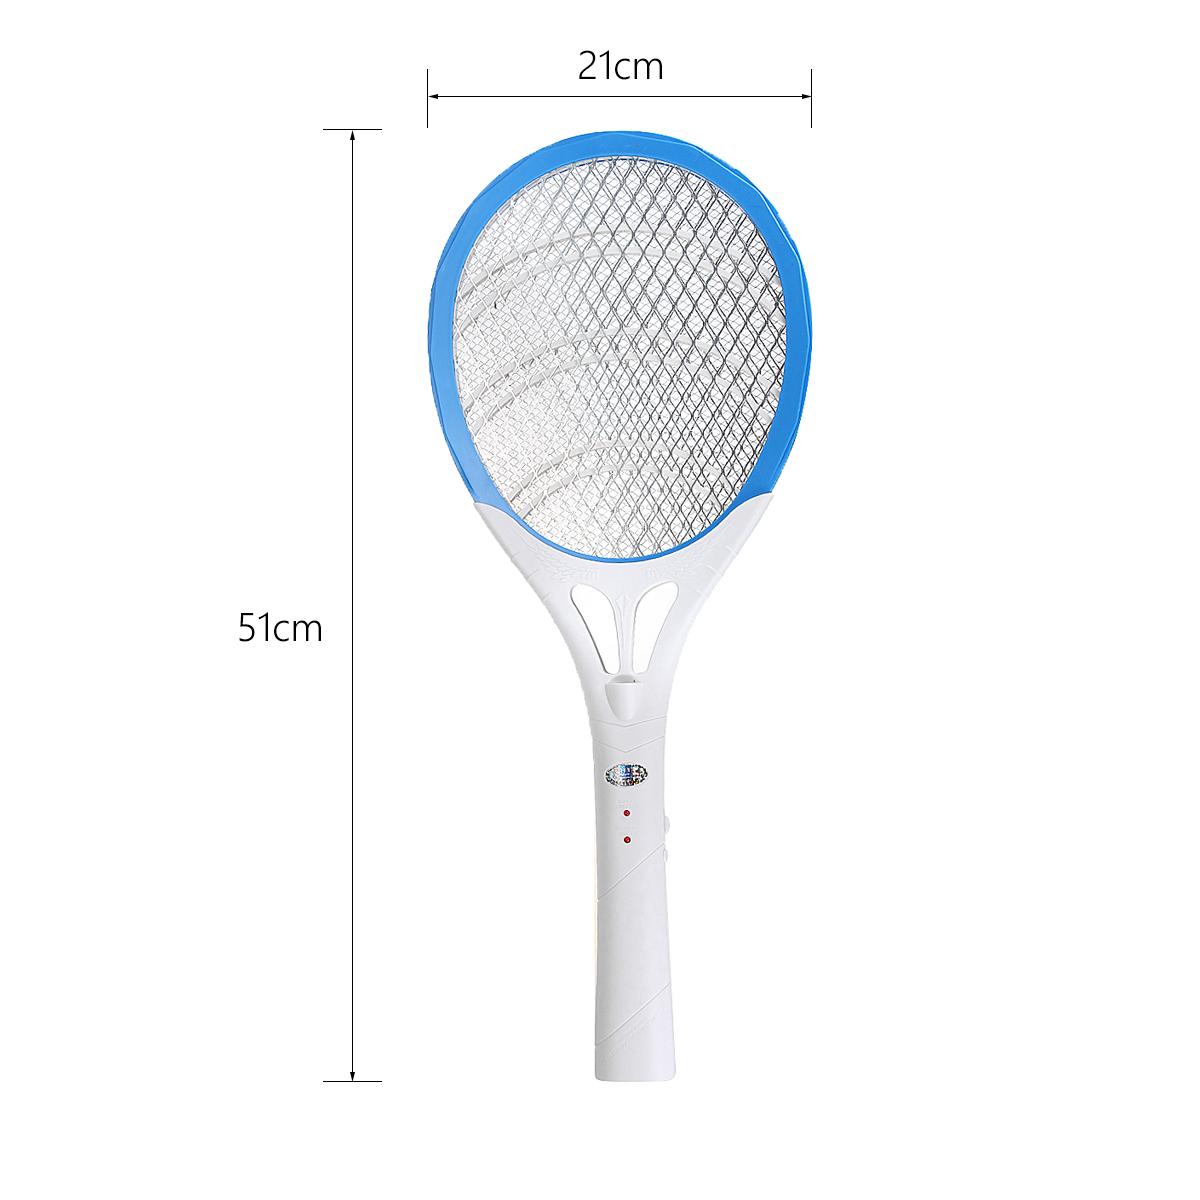 Мухобойка электрическая Мухобойка Мухобойка Zapper Bug Zapper Ракетка для тенниса Форма Убивает насекомых Комариные кома - фото 8